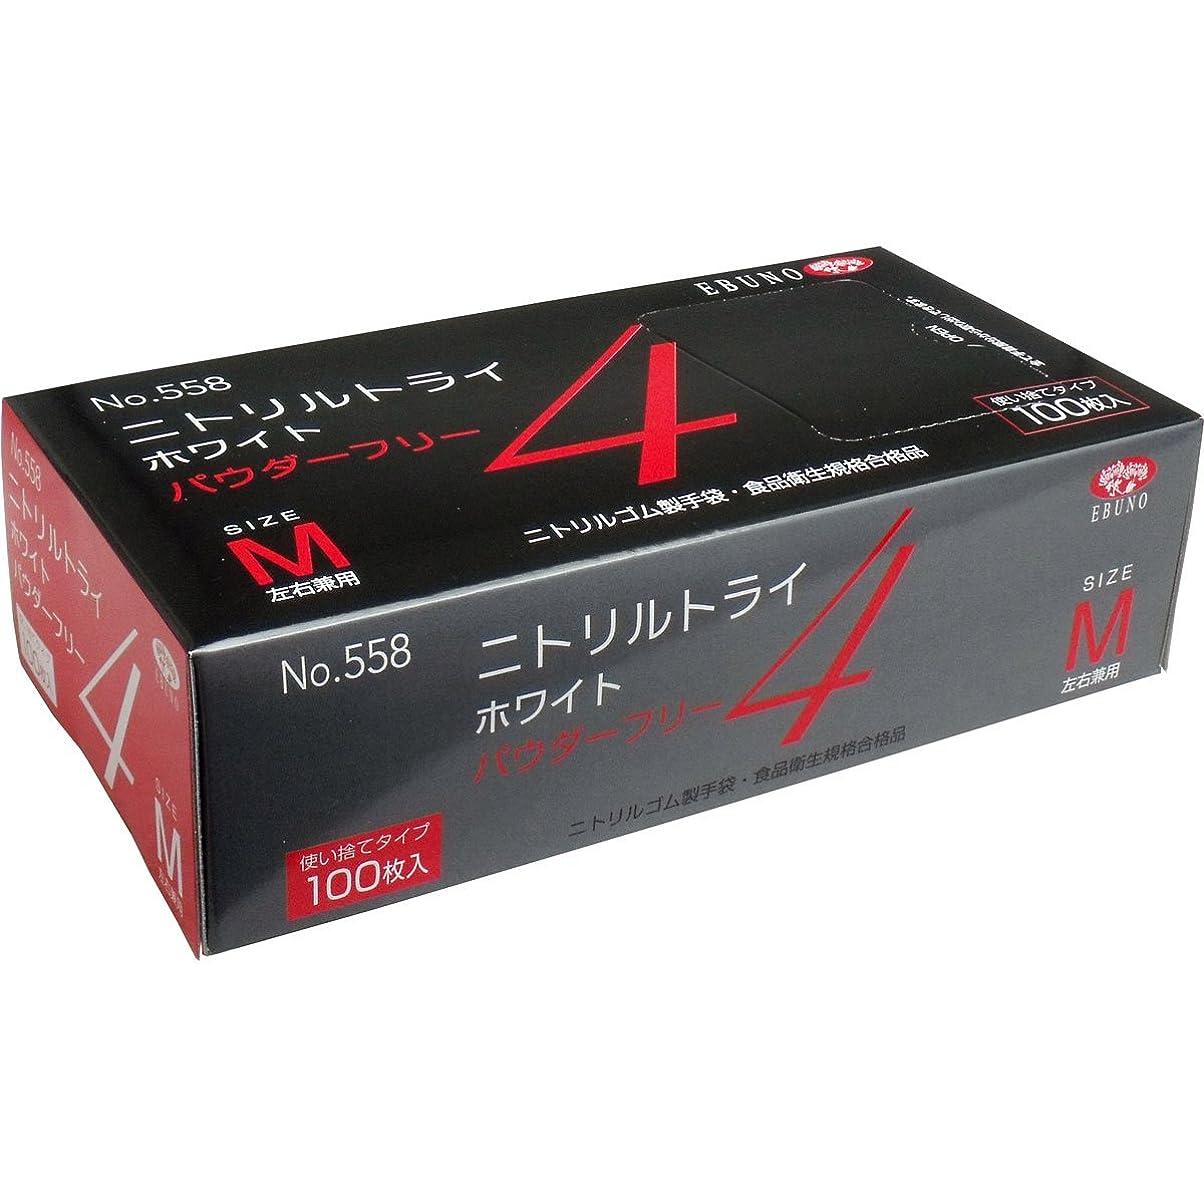 ブレイズ金属難民ニトリルトライ4 手袋 ホワイト パウダーフリー Mサイズ 100枚入(単品)